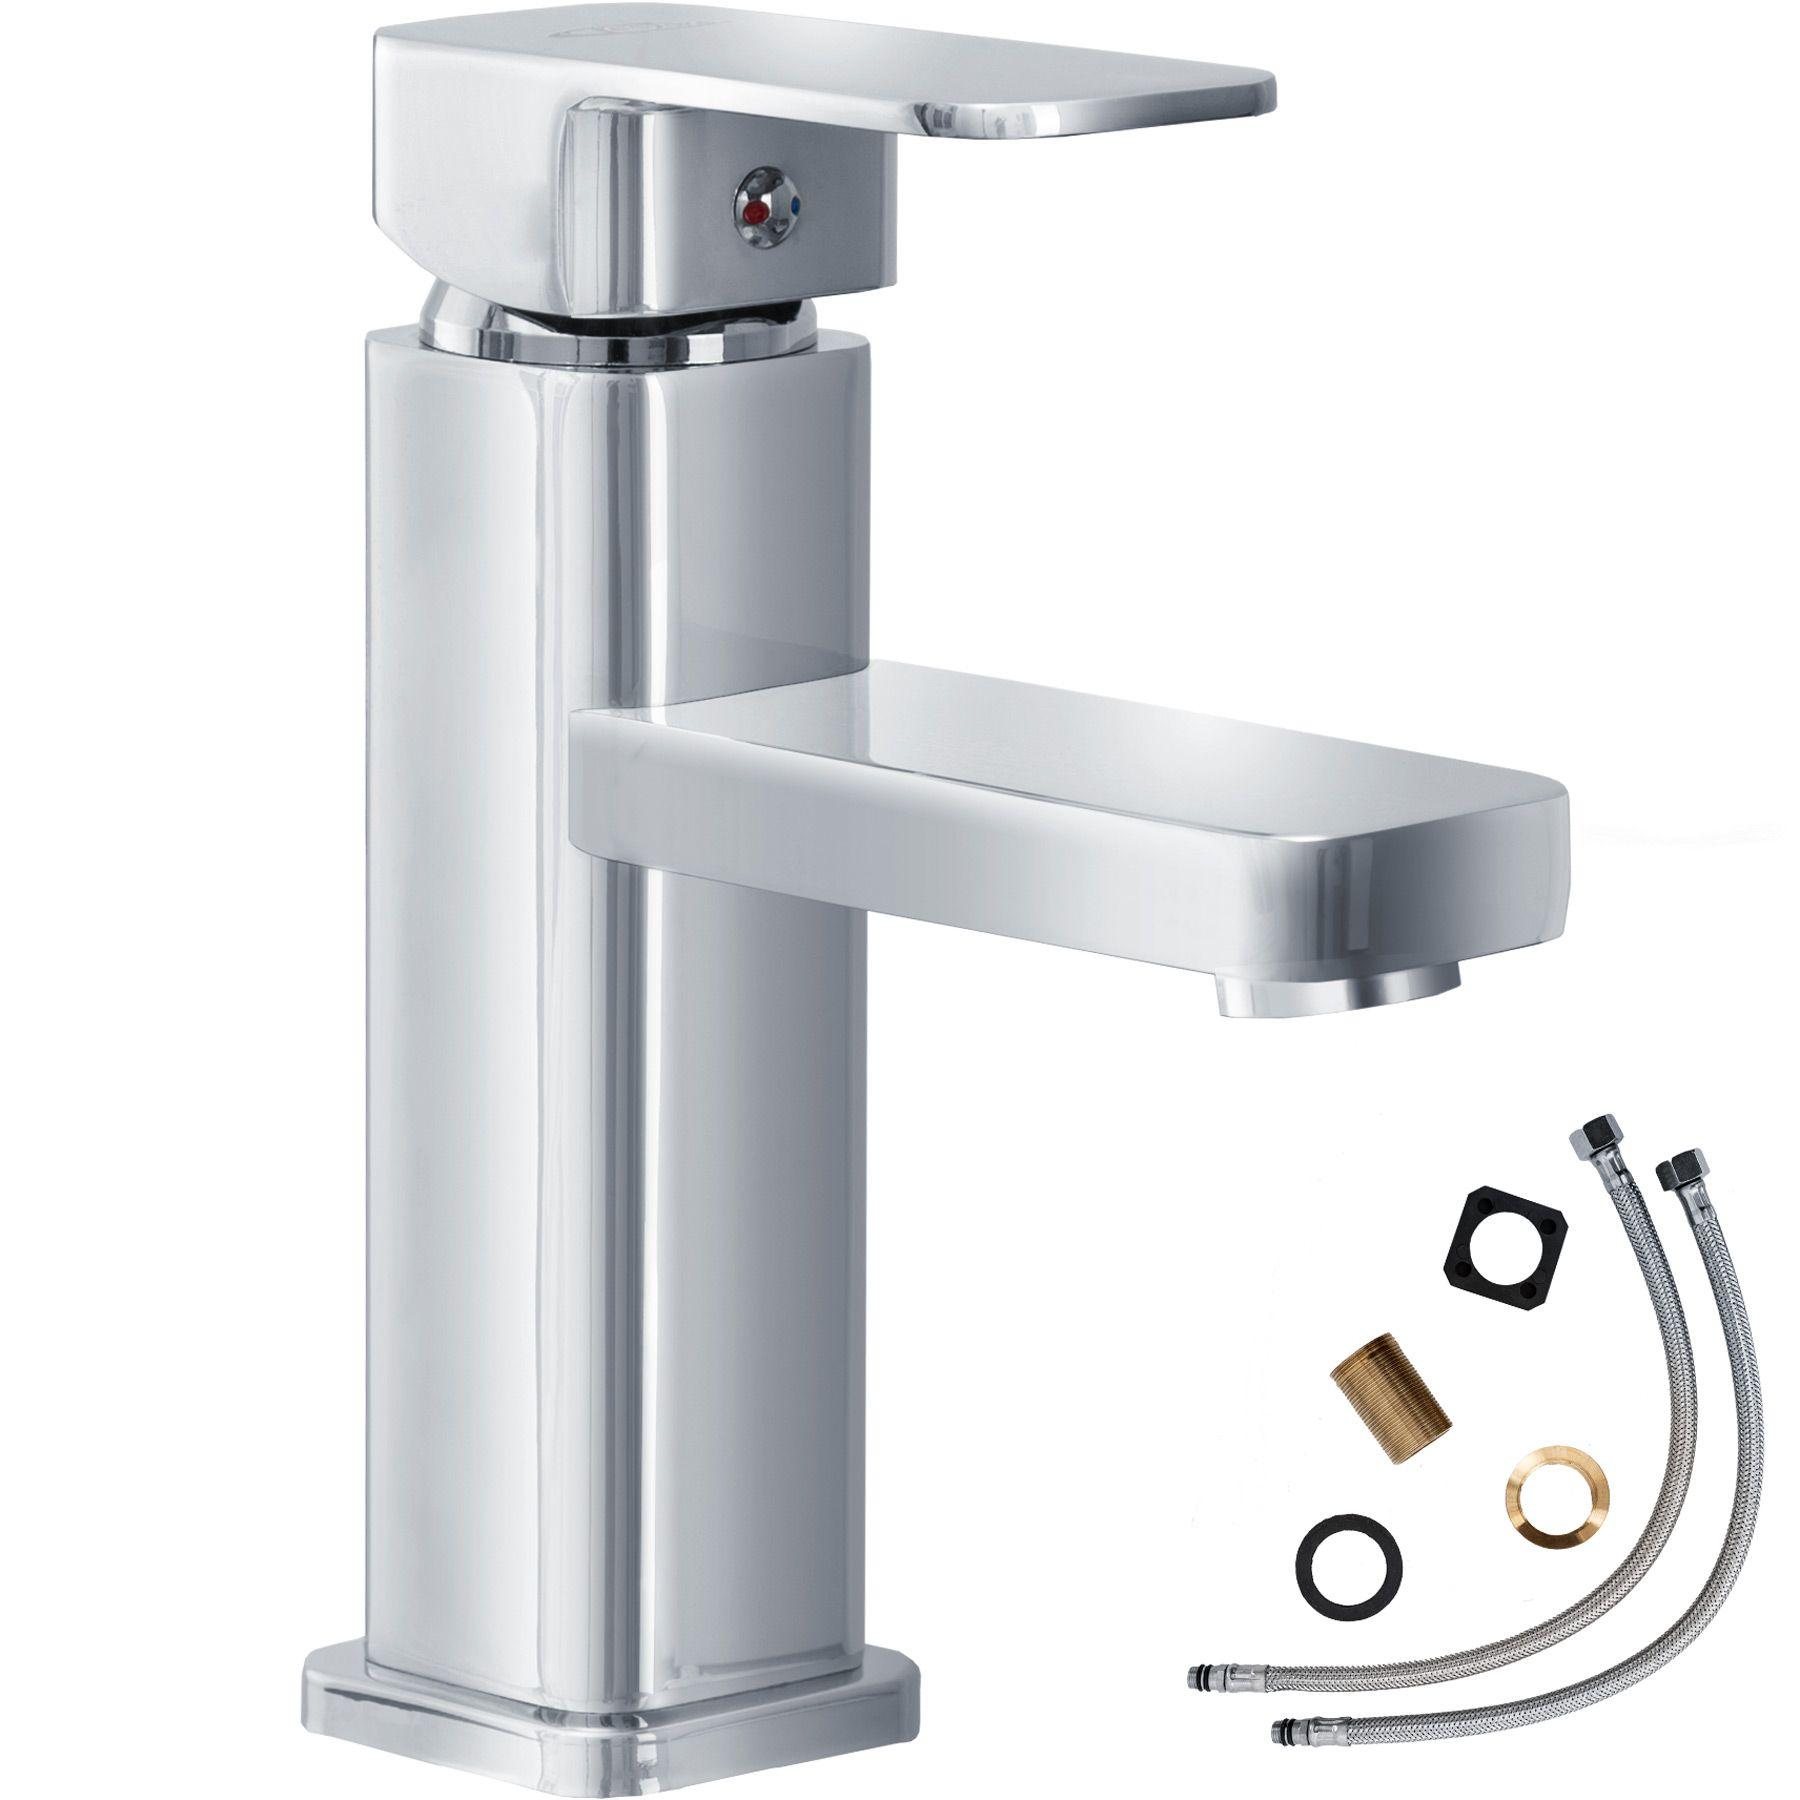 Robinet levier unique mitigeur salle de bain lavabo - Robinetterie design salle de bain ...